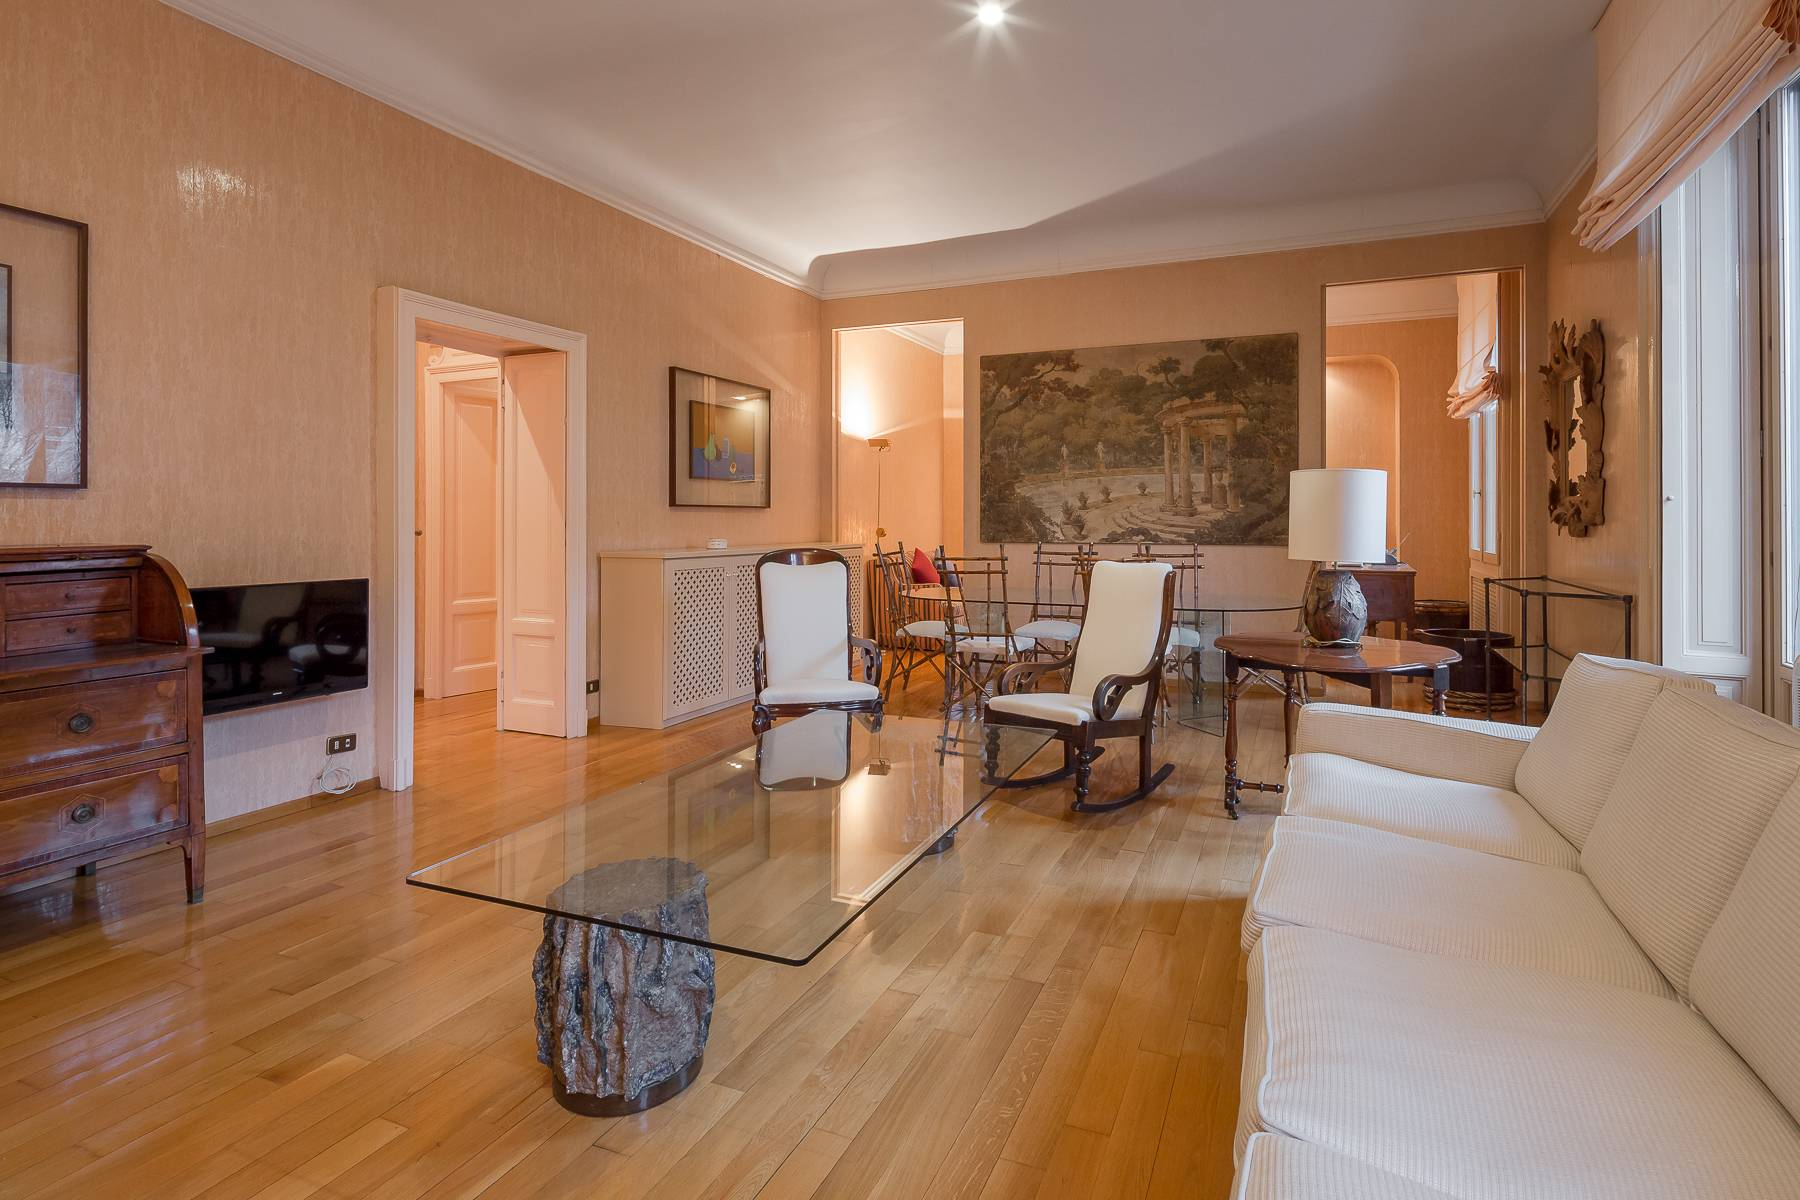 Appartamento in Vendita a Milano: 4 locali, 161 mq - Foto 10